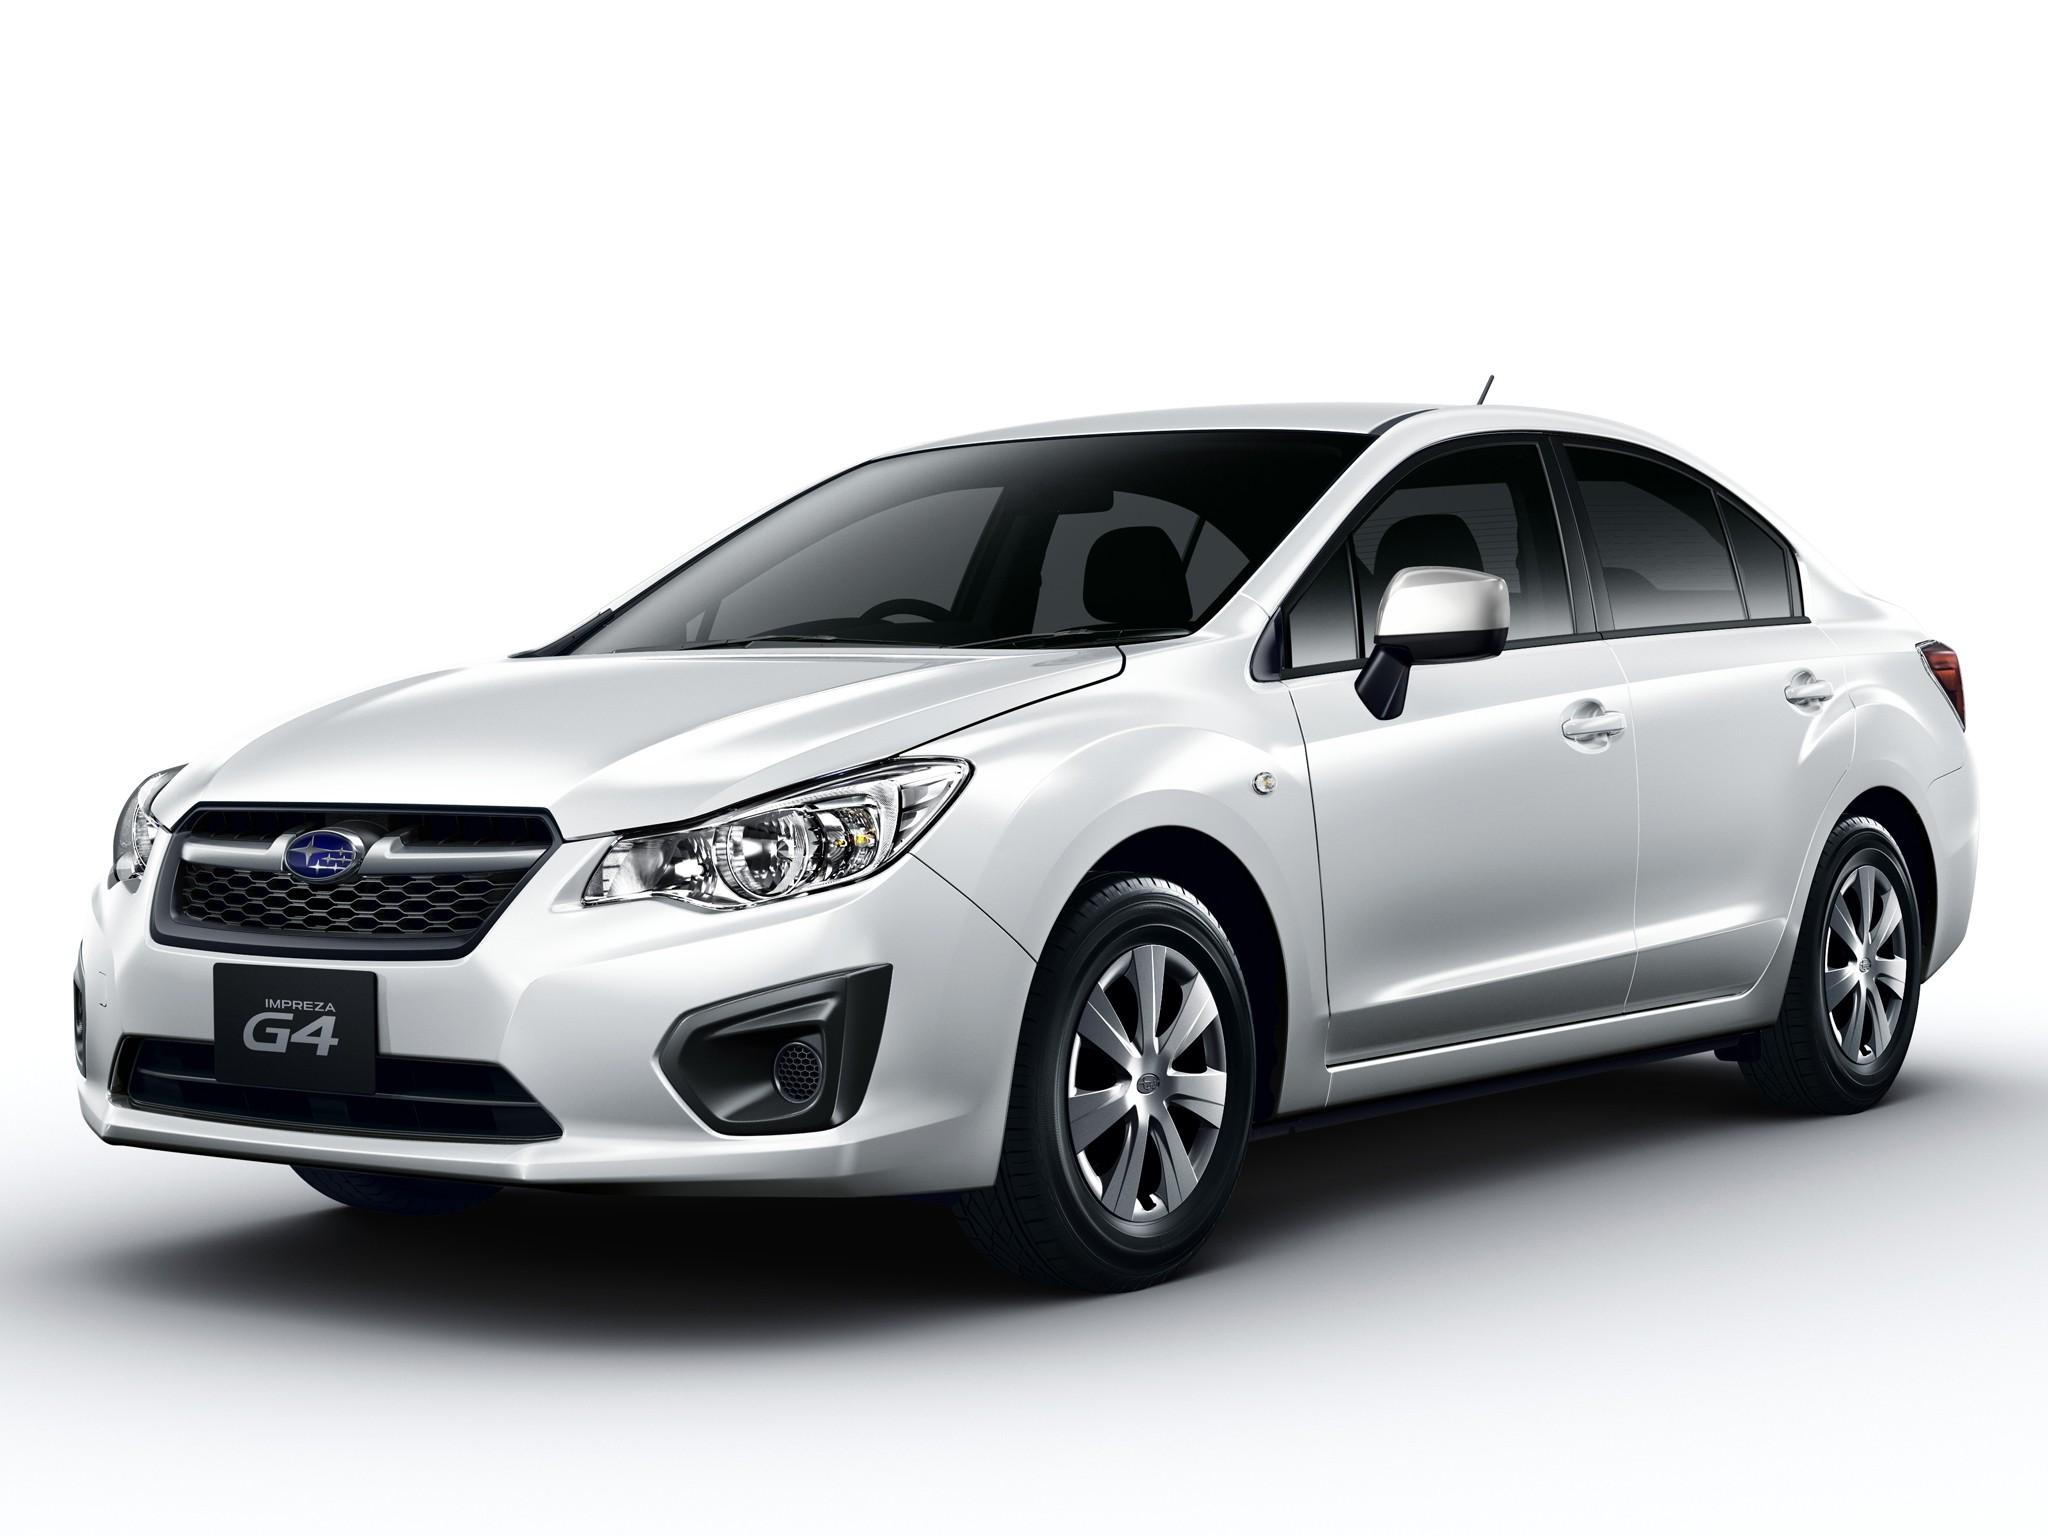 Subaru Impreza 4 Doors 2012 2013 2014 2015 2016